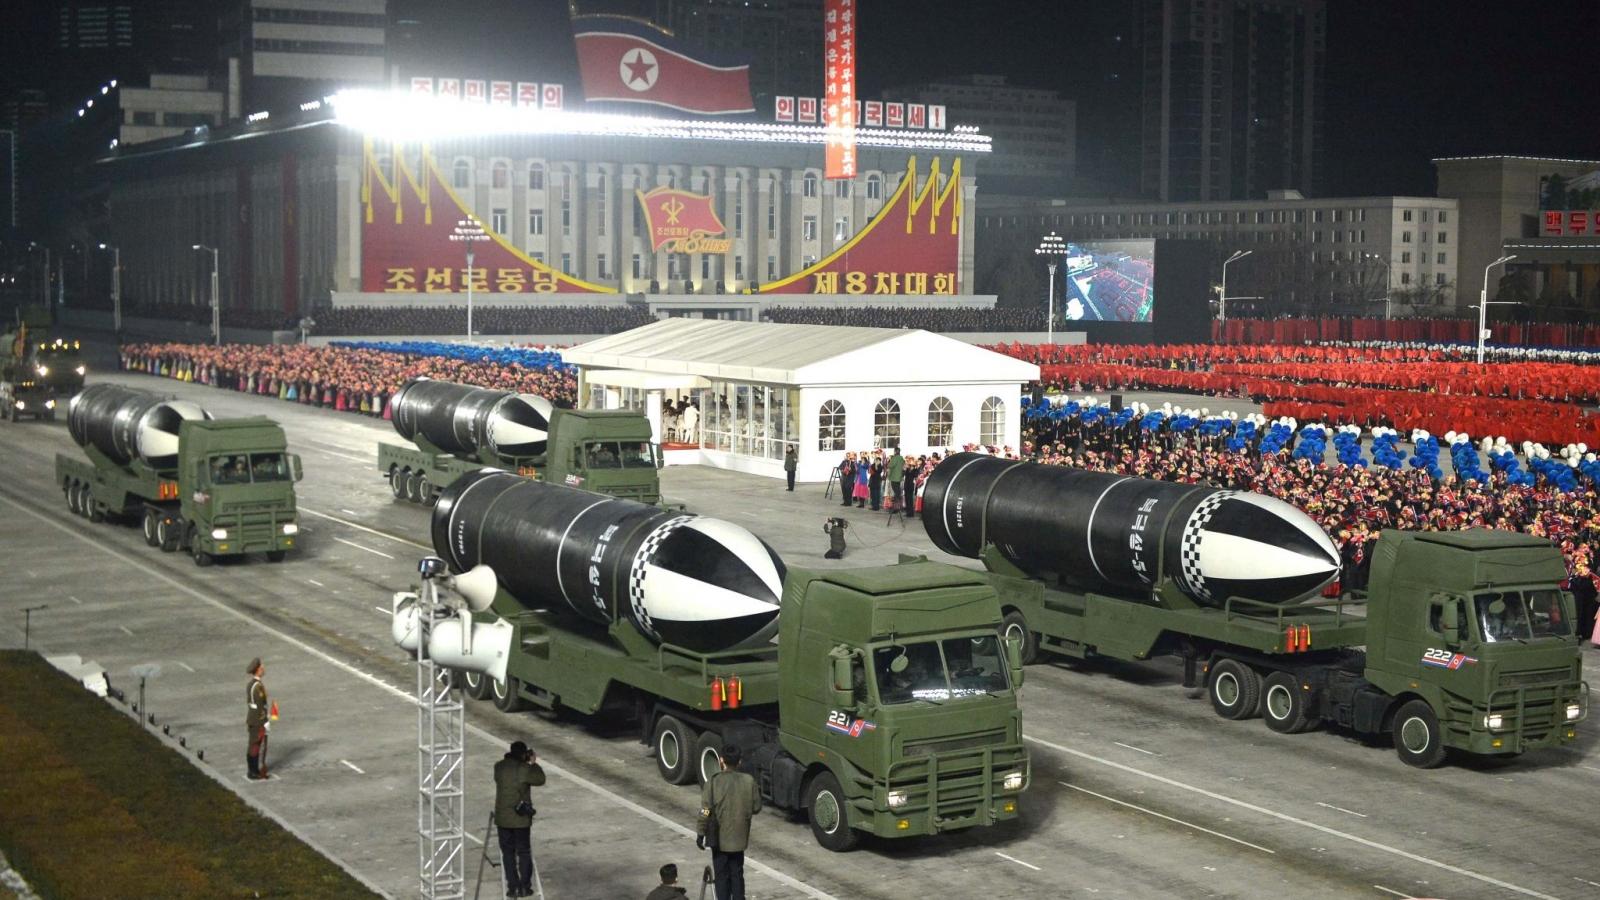 Chính quyền Biden có thể hoàn tất rà soát chính sách về Triều Tiên trong tháng 4